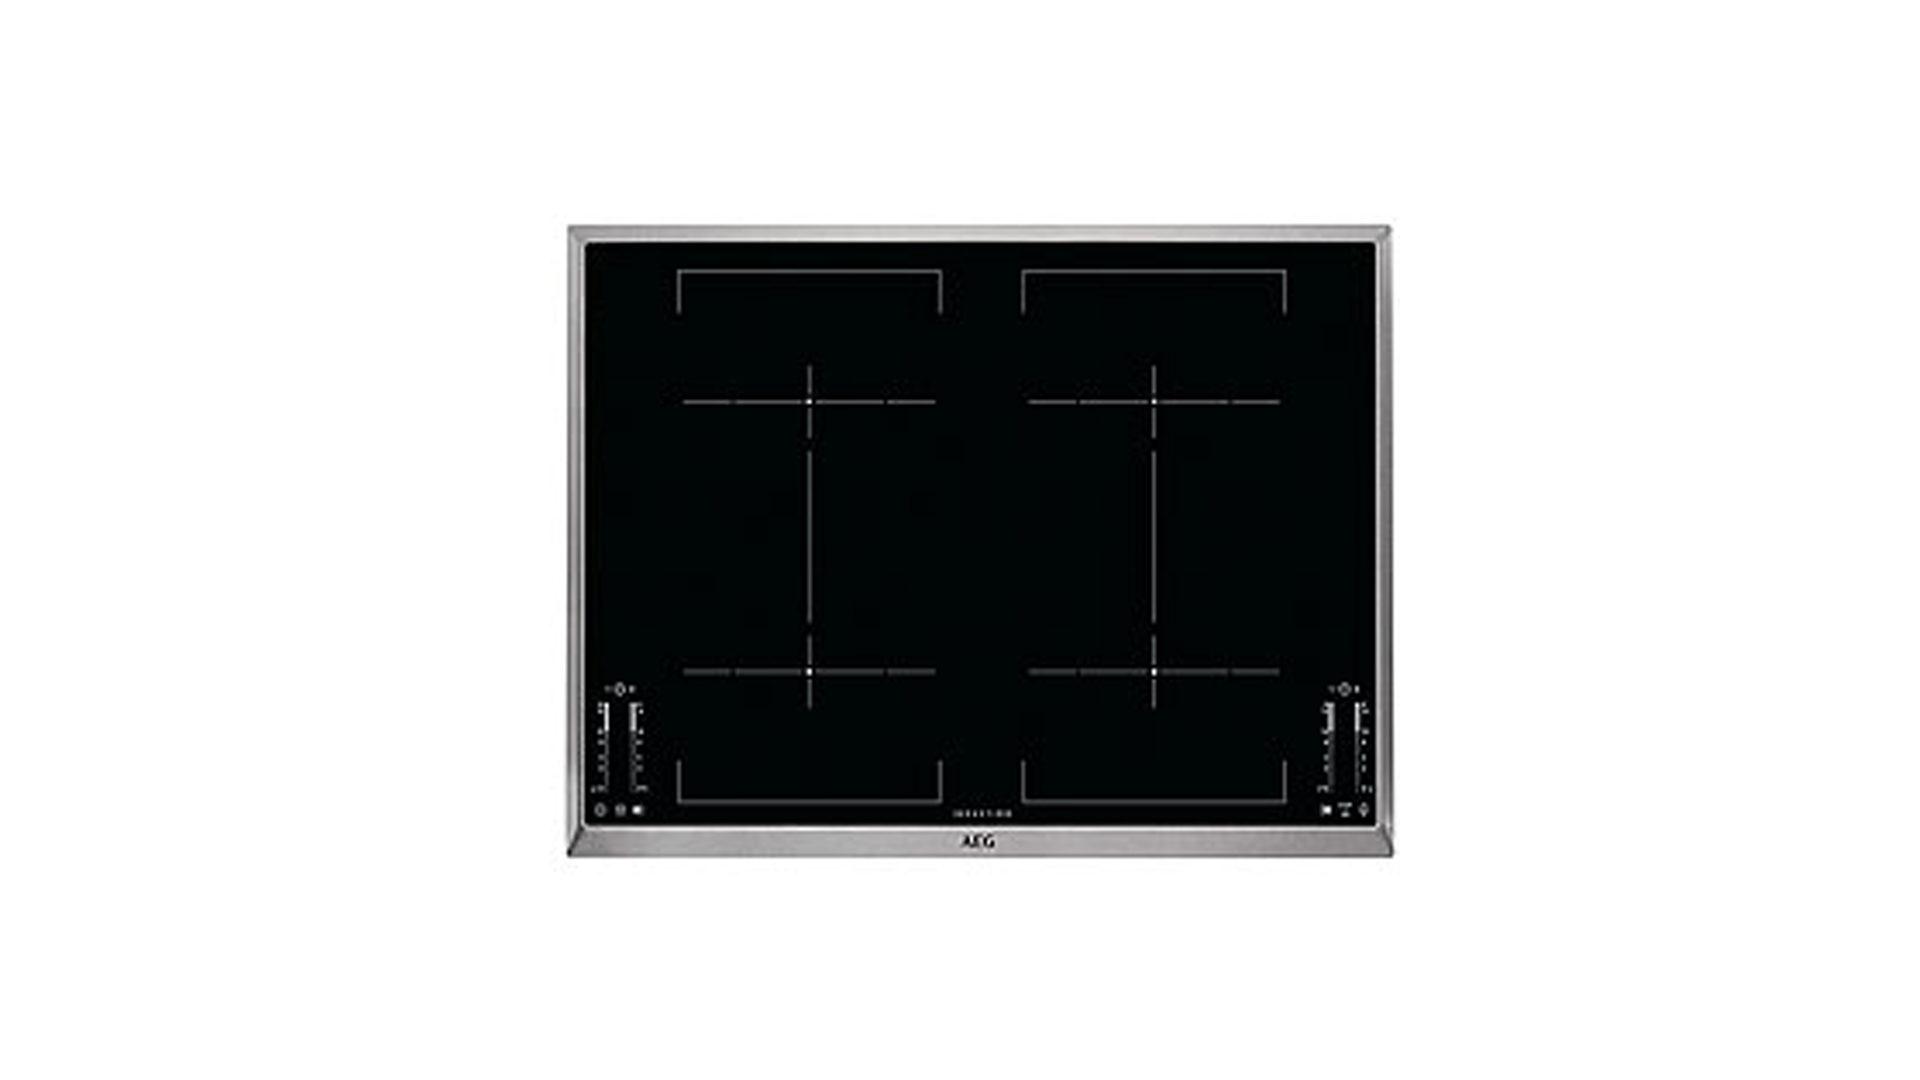 induktionskochfeld einzeln cm induktionskochfeld 70 cm ikea induktionskochfeld 70 cm design. Black Bedroom Furniture Sets. Home Design Ideas